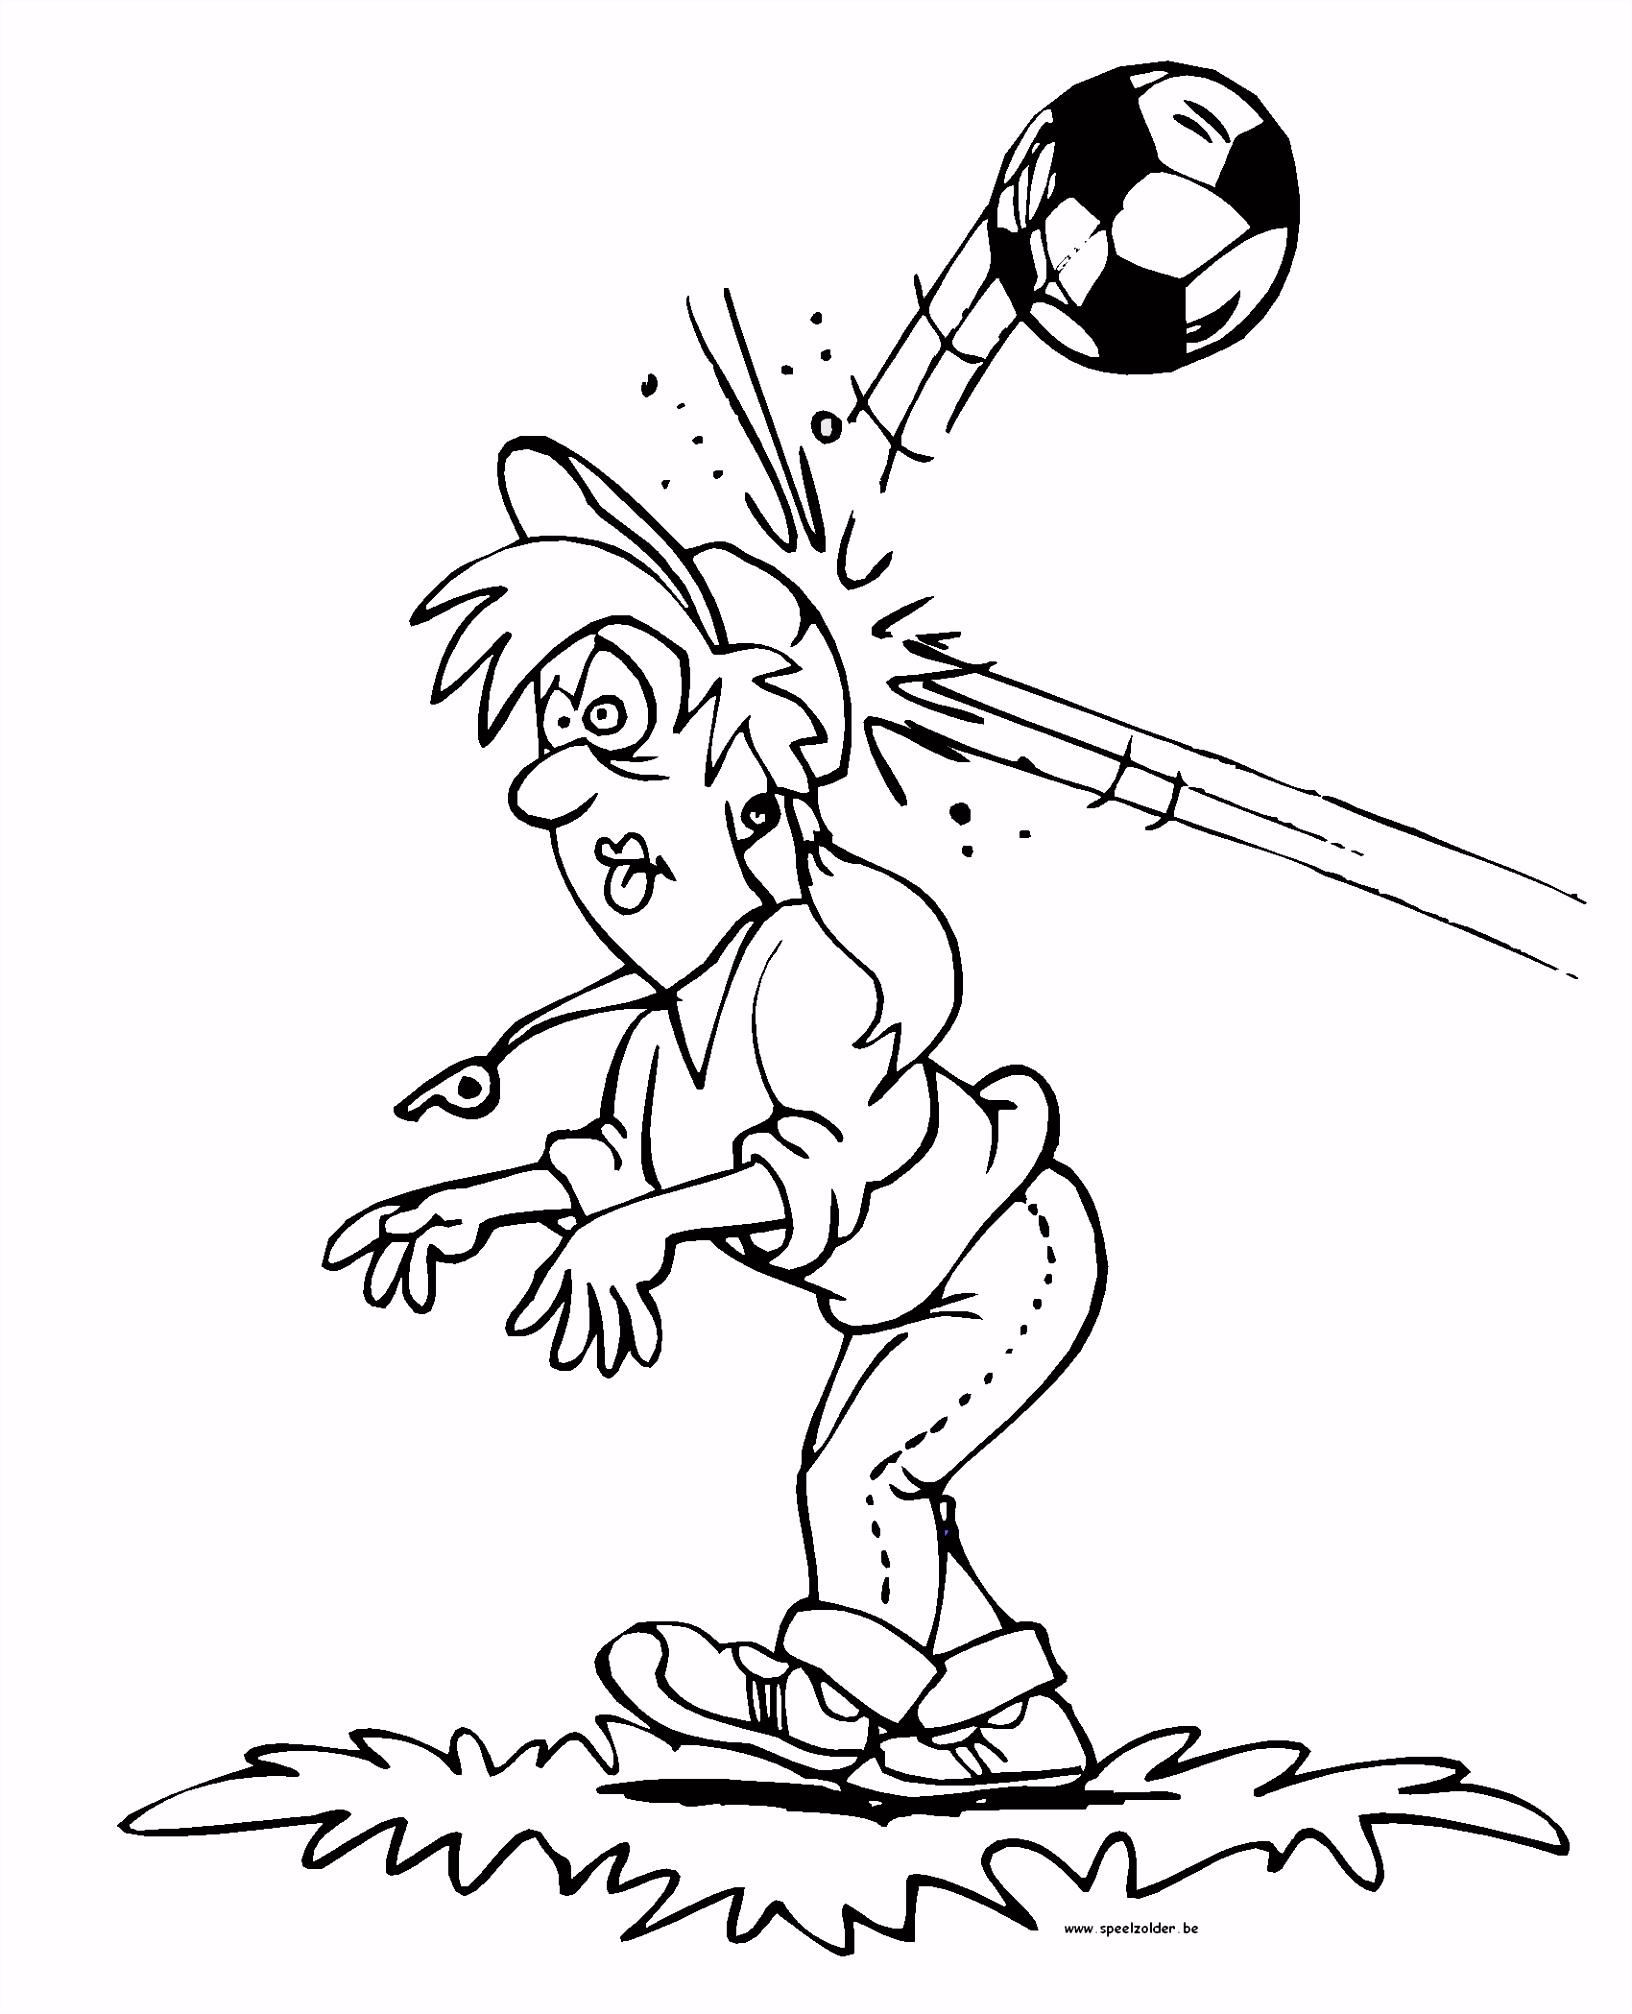 Kleurplaten Voetbal Kids N Fun I6rk67val1 N6nw2vjznu